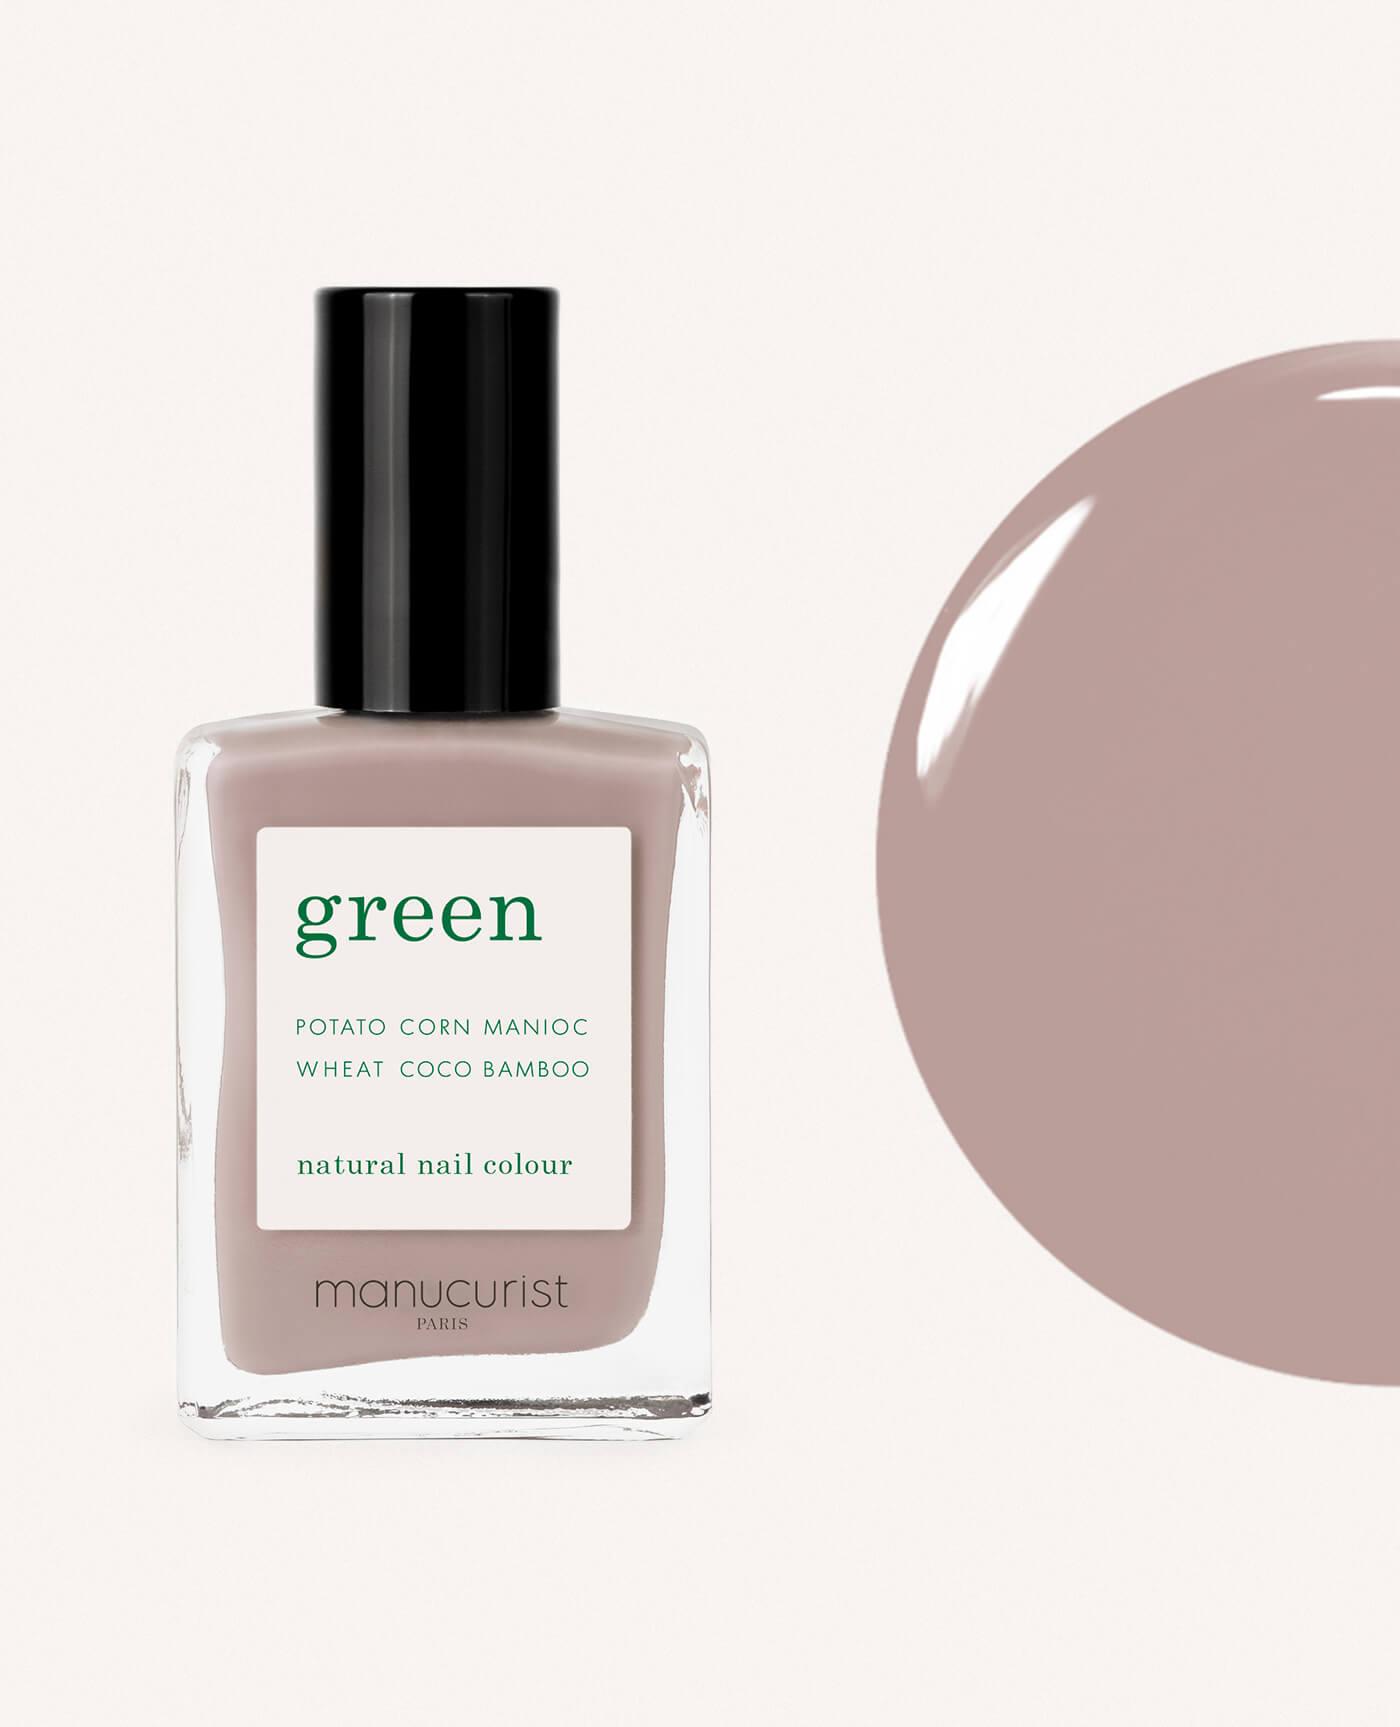 vernis à ongles bio green de la marque Manucurist made in france de couleur dove beige